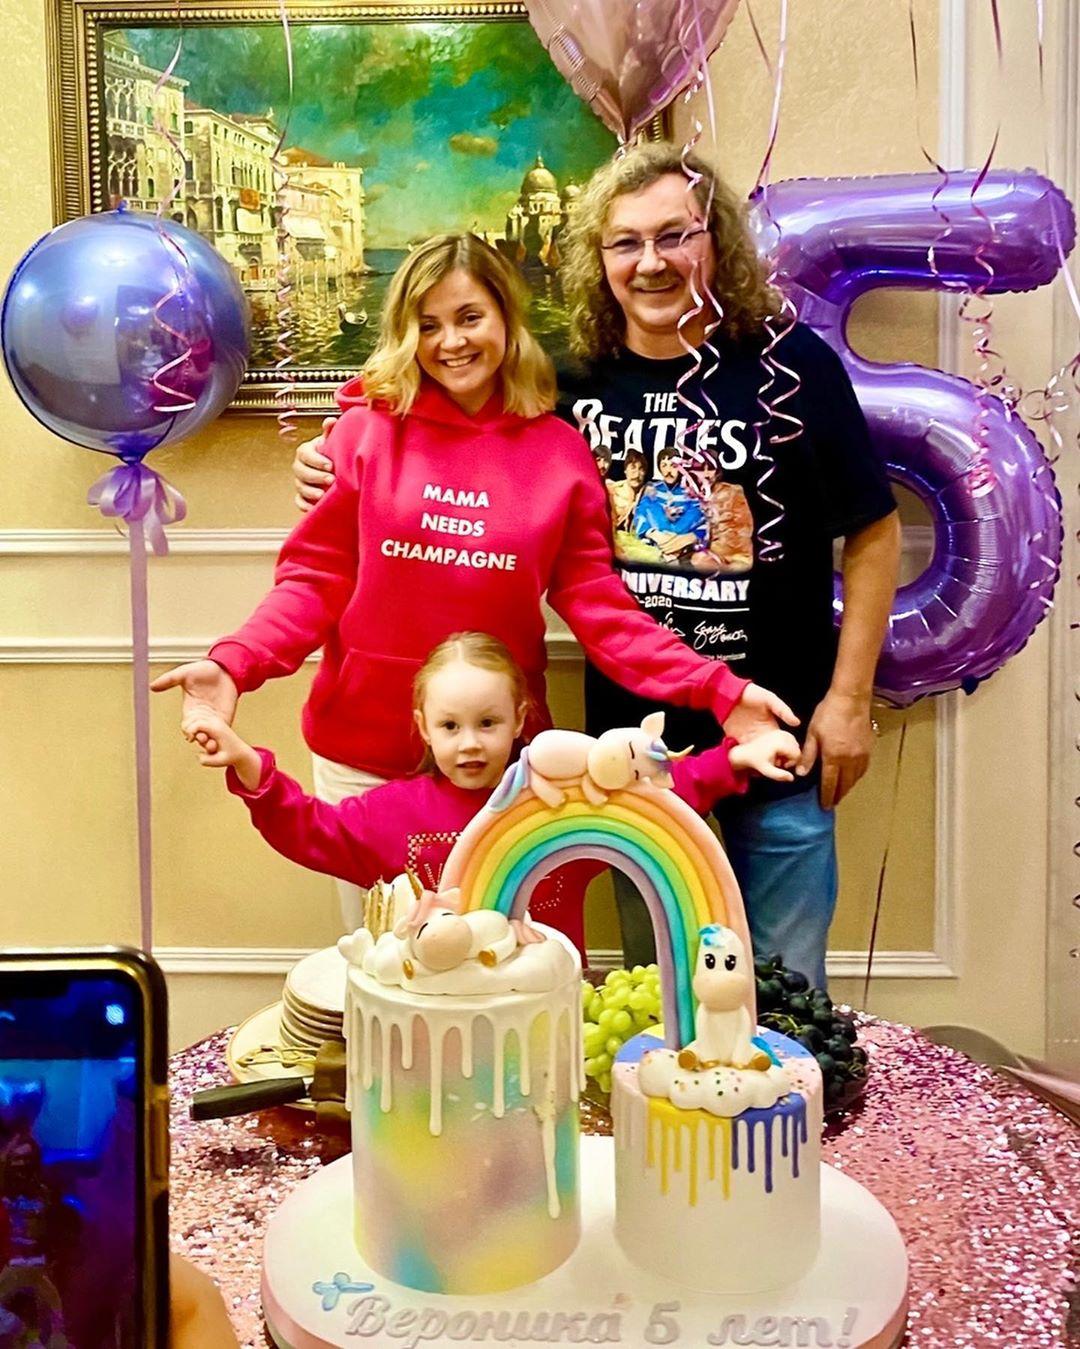 Младшей дочке Игоря Николаева исполнилось 5 лет. Фото с Дня рождения